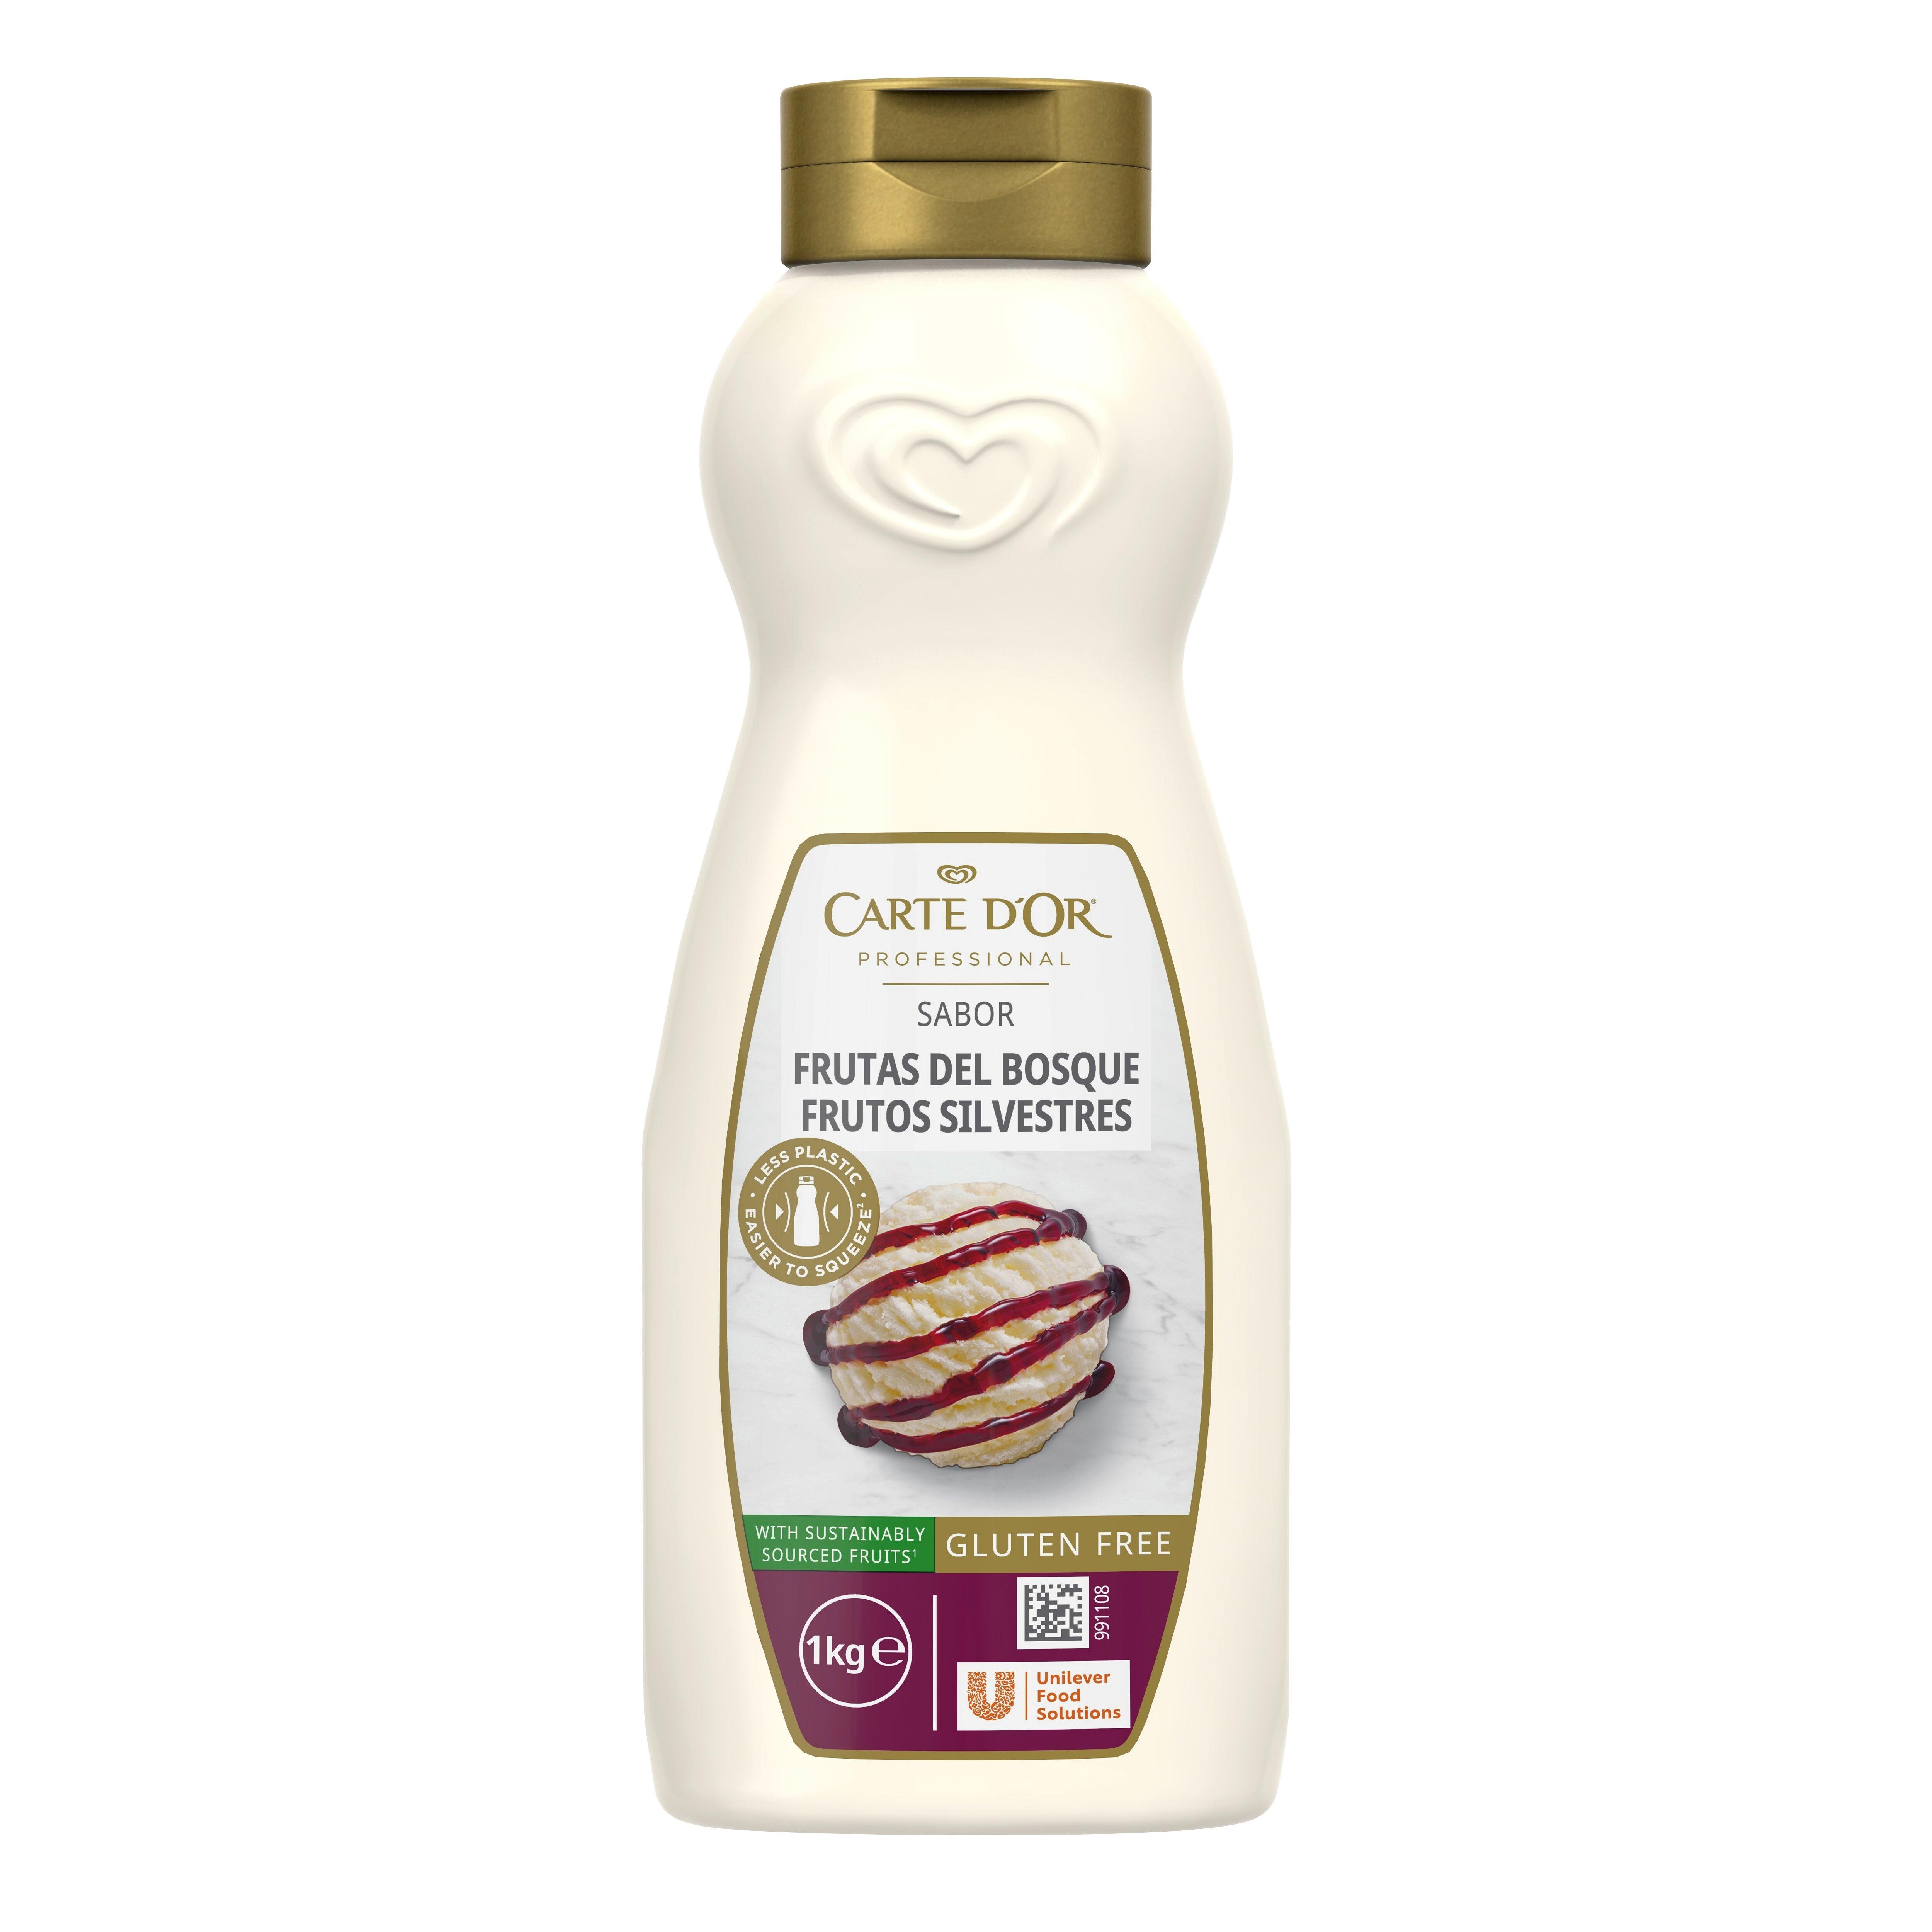 CARTE d'OR Erdei gyümölcs öntet 1 kg - Carte d'Or önteteink sokoldalúan felhasználhatóak. A Kakaós variáns most még kifinomultabb receptúrával kapható.